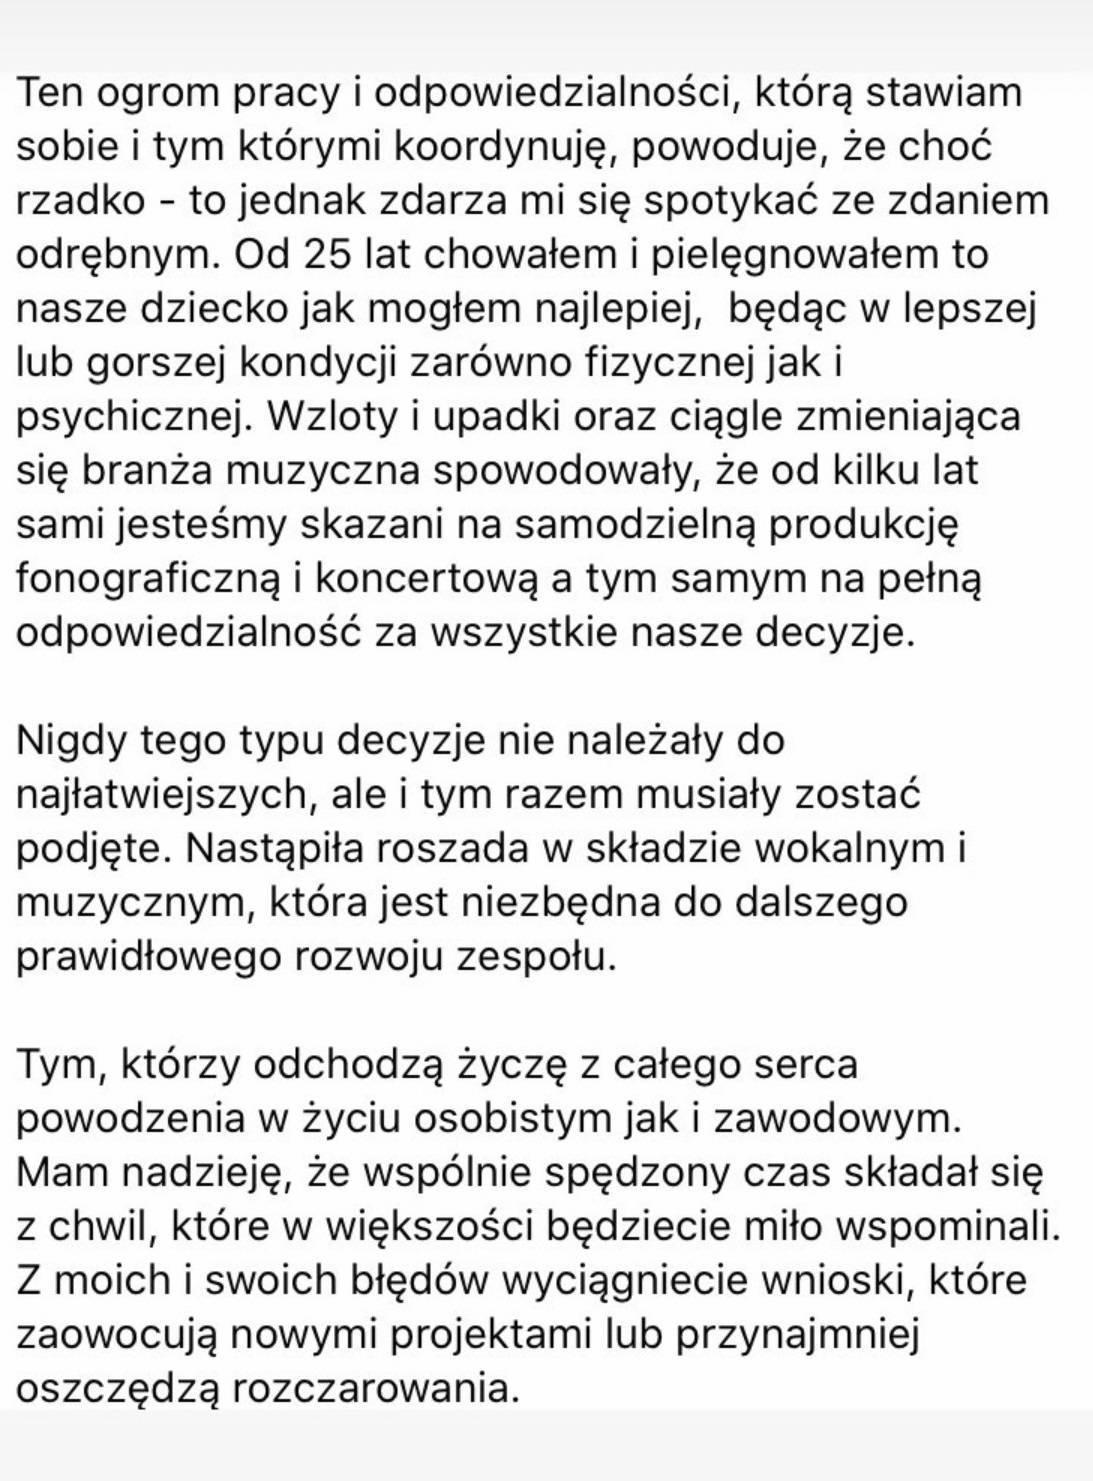 Michał Wiśniewski Oświadczenie